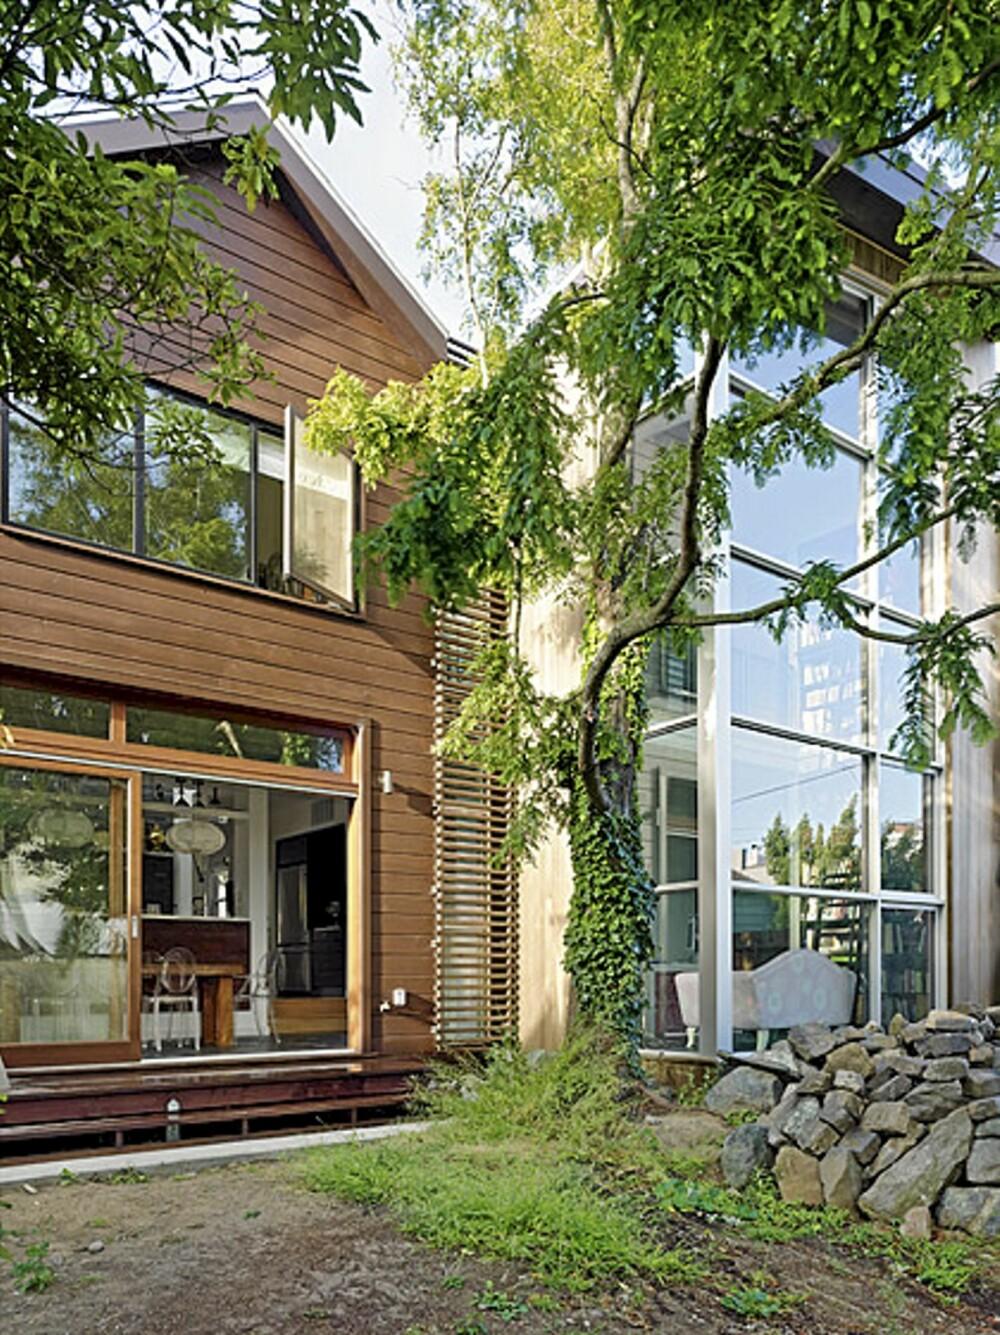 MODERNE: Baksiden av huset har et mer moderne uttrykk med mange store deler i glass